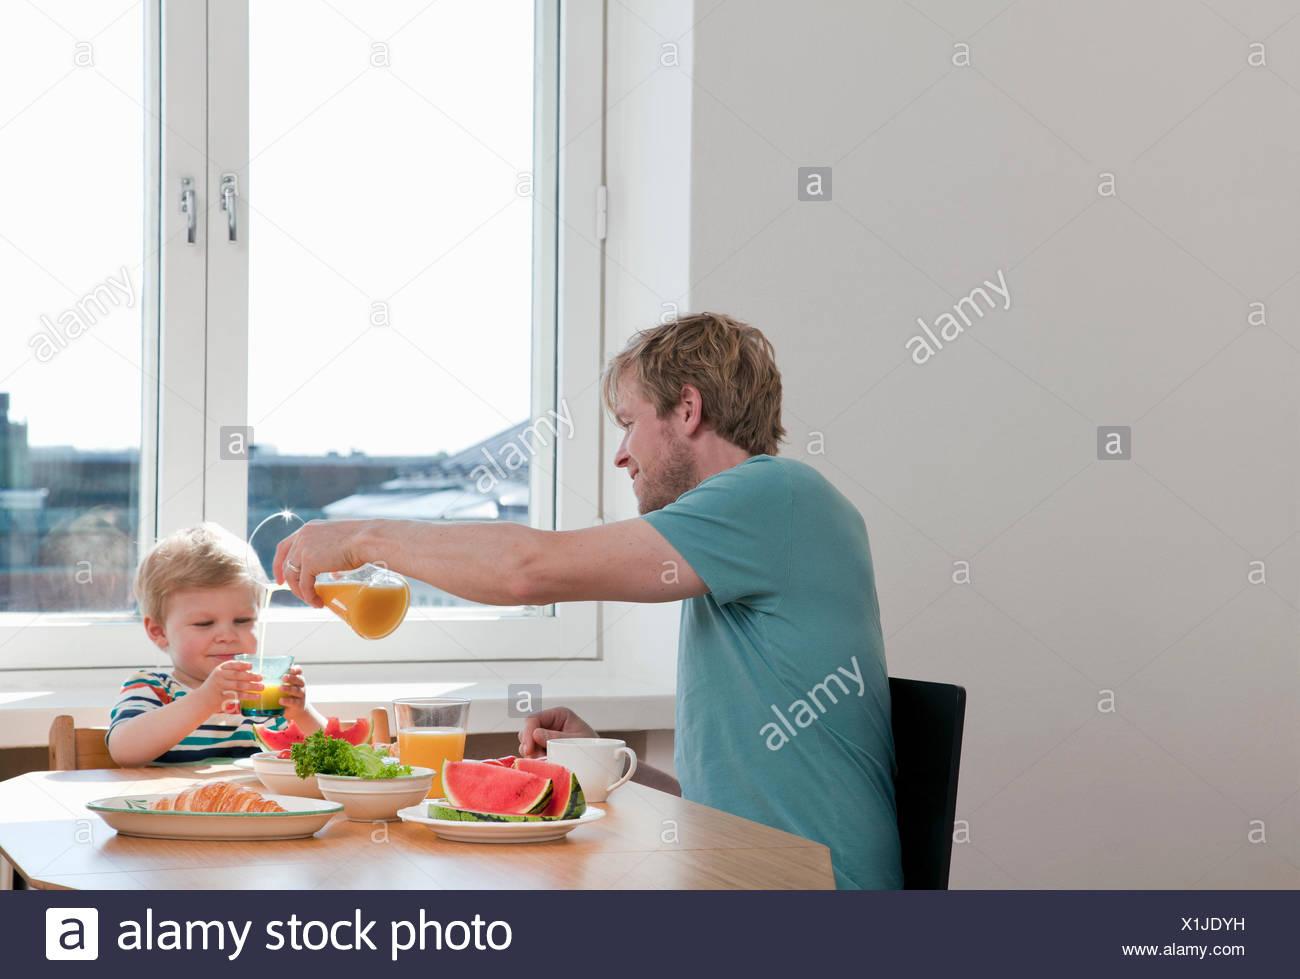 Padre e figlio toddler avente prima colazione al tavolo della cucina Immagini Stock